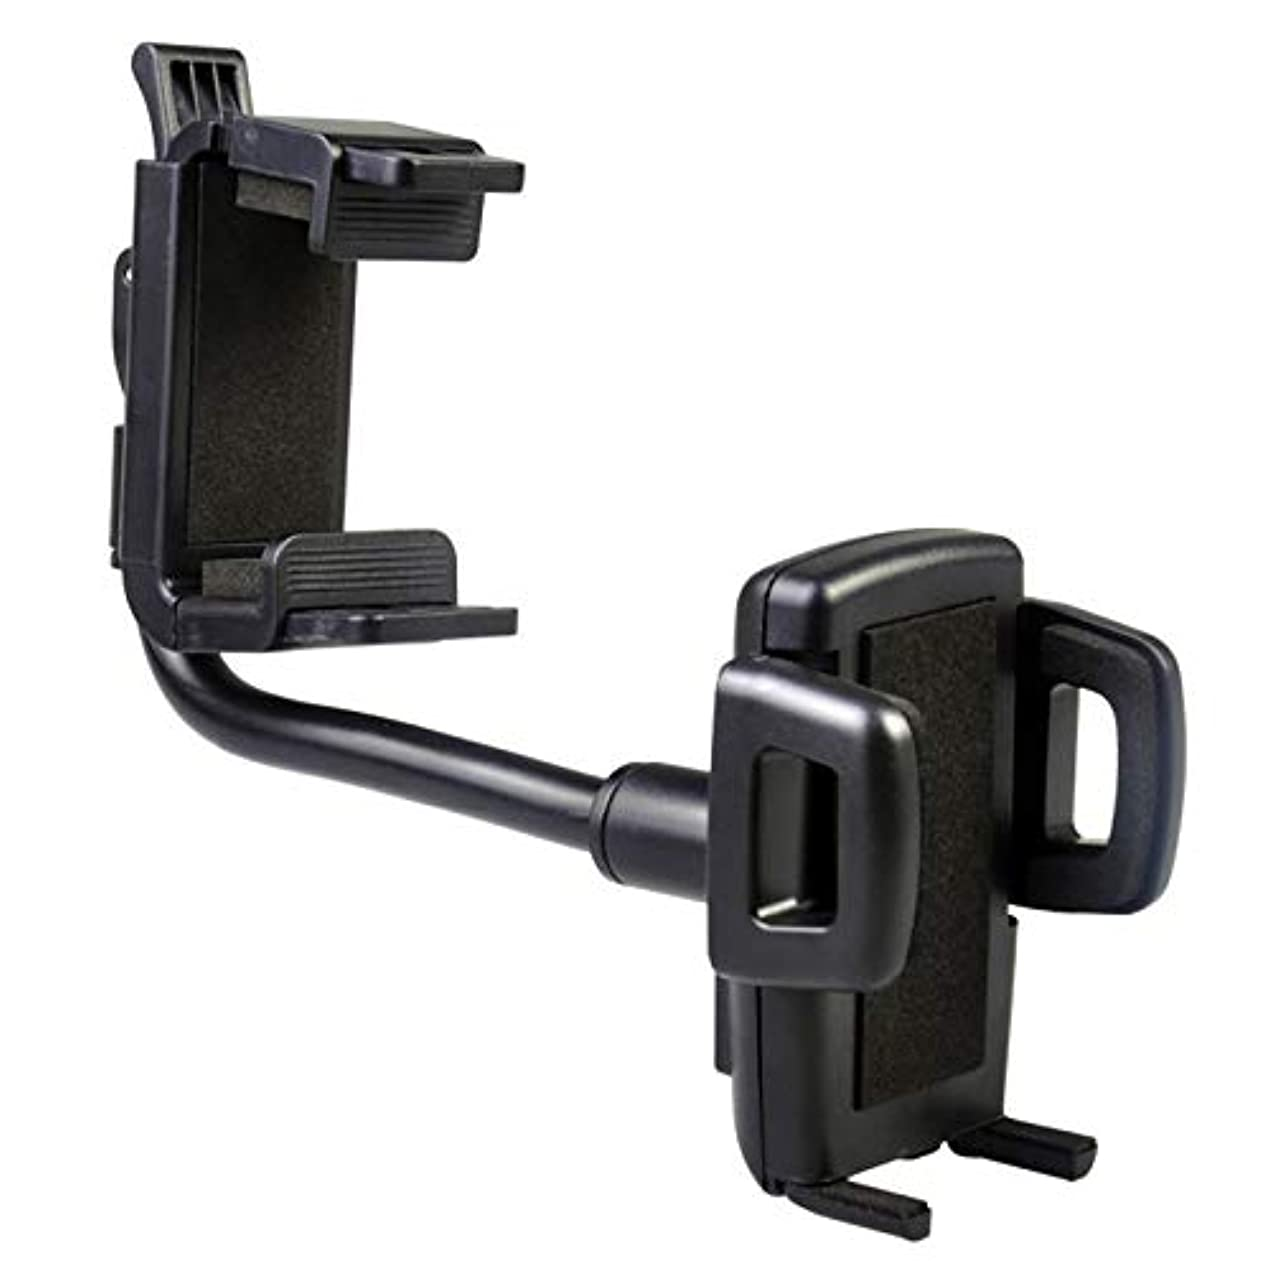 夫婦返済オープナーJicorzo - 車の自動車のバックミラーマウント携帯電話ホルダーブラケットは、iPhoneの携帯電話のGPSのためにサムスンのためにスタンド360度のホルダー